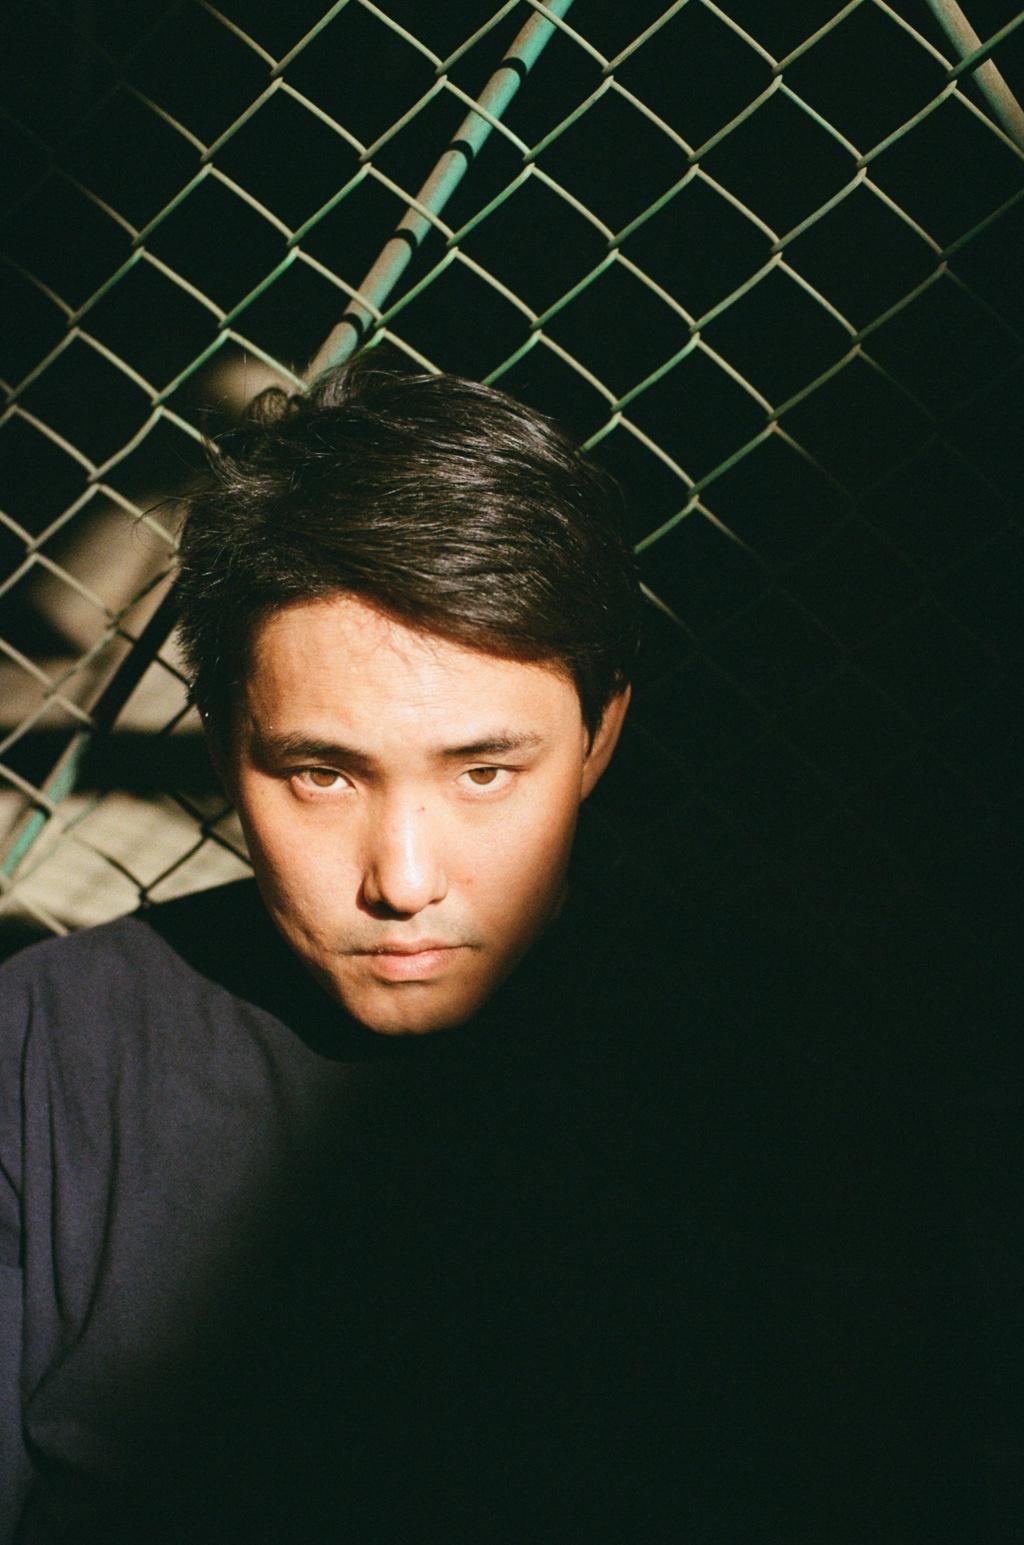 Teppei KitanoがプッシュするDTMユニット「パソコン音楽クラブ」